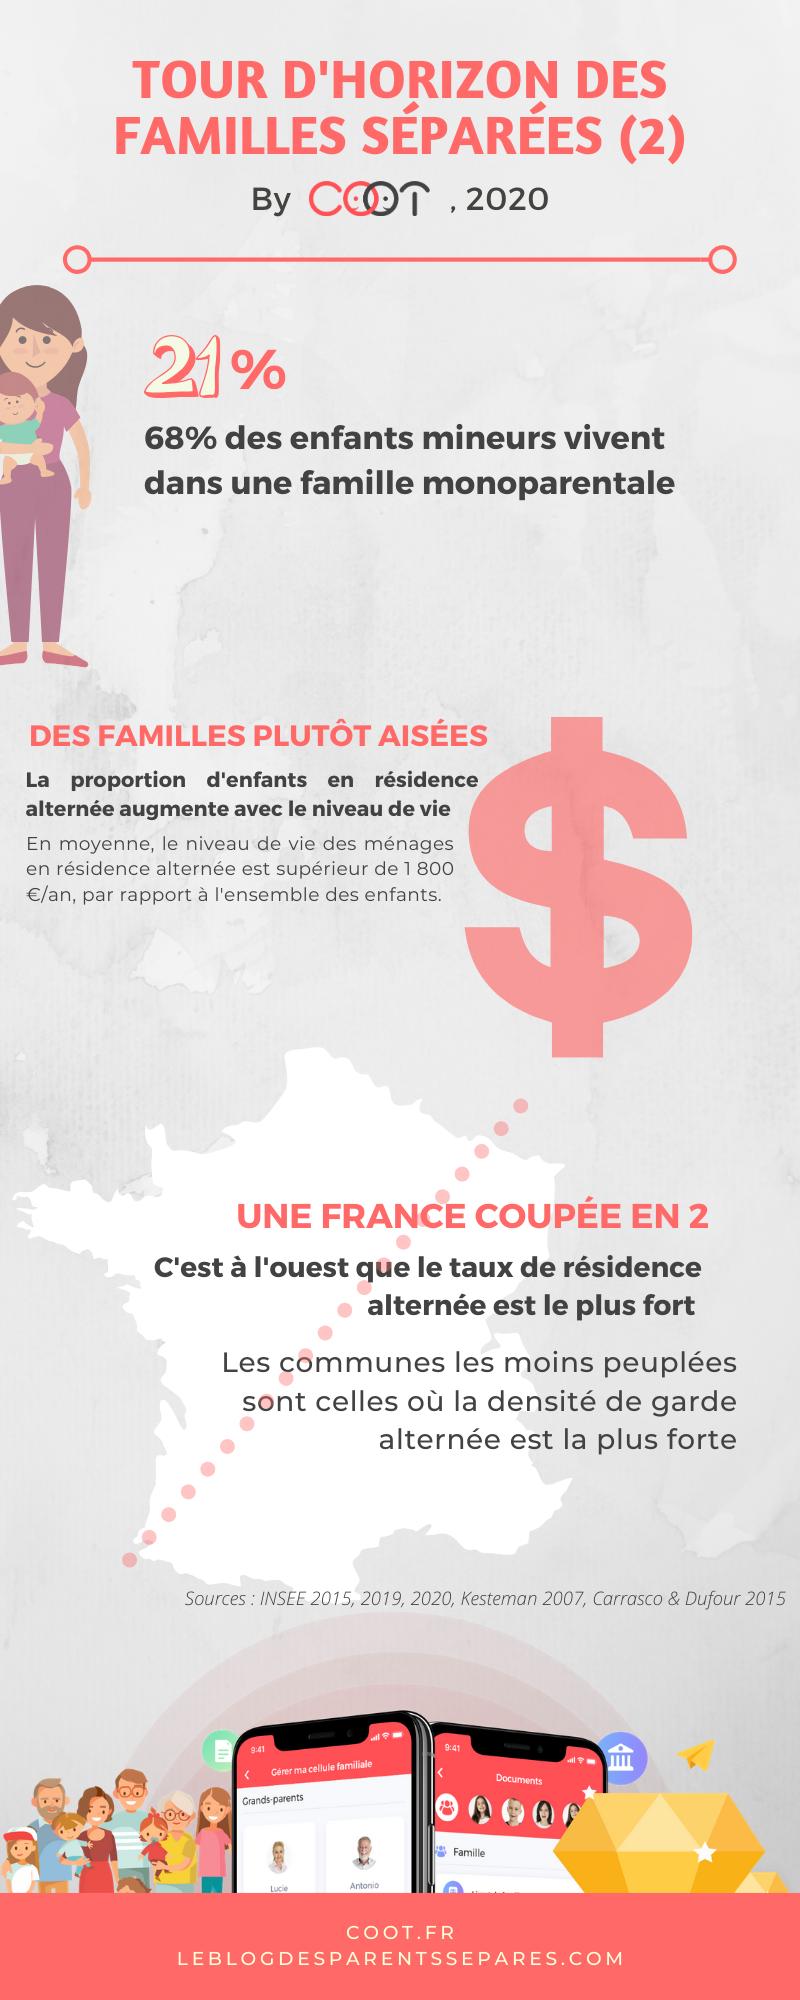 Tour d'horizon des familles séparées en France par COOT, 2020